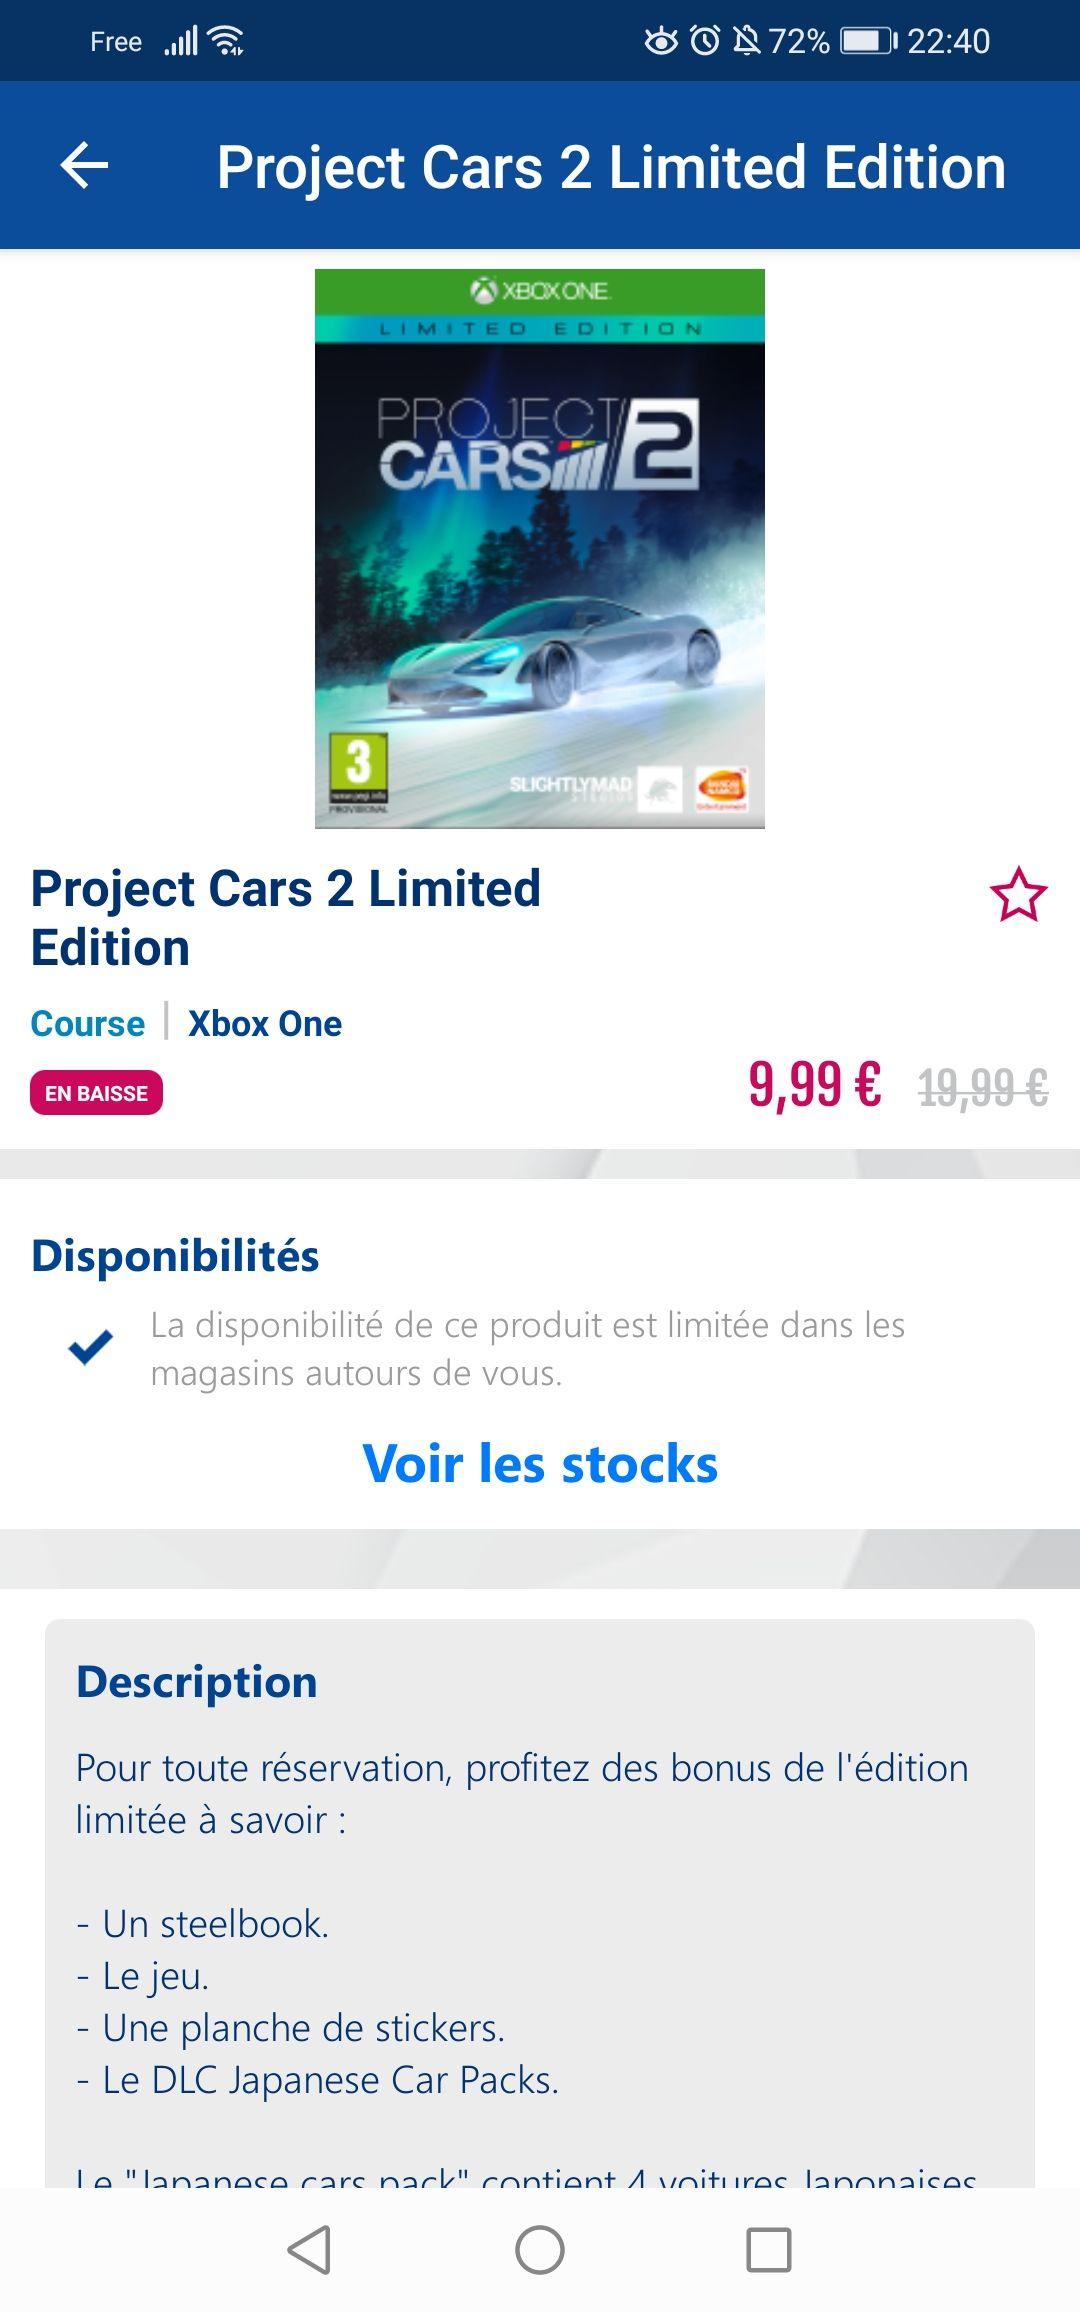 Project cars 2 limited edition sur Xbox One (Dans une sélection de magasins), destiny 2 aussi